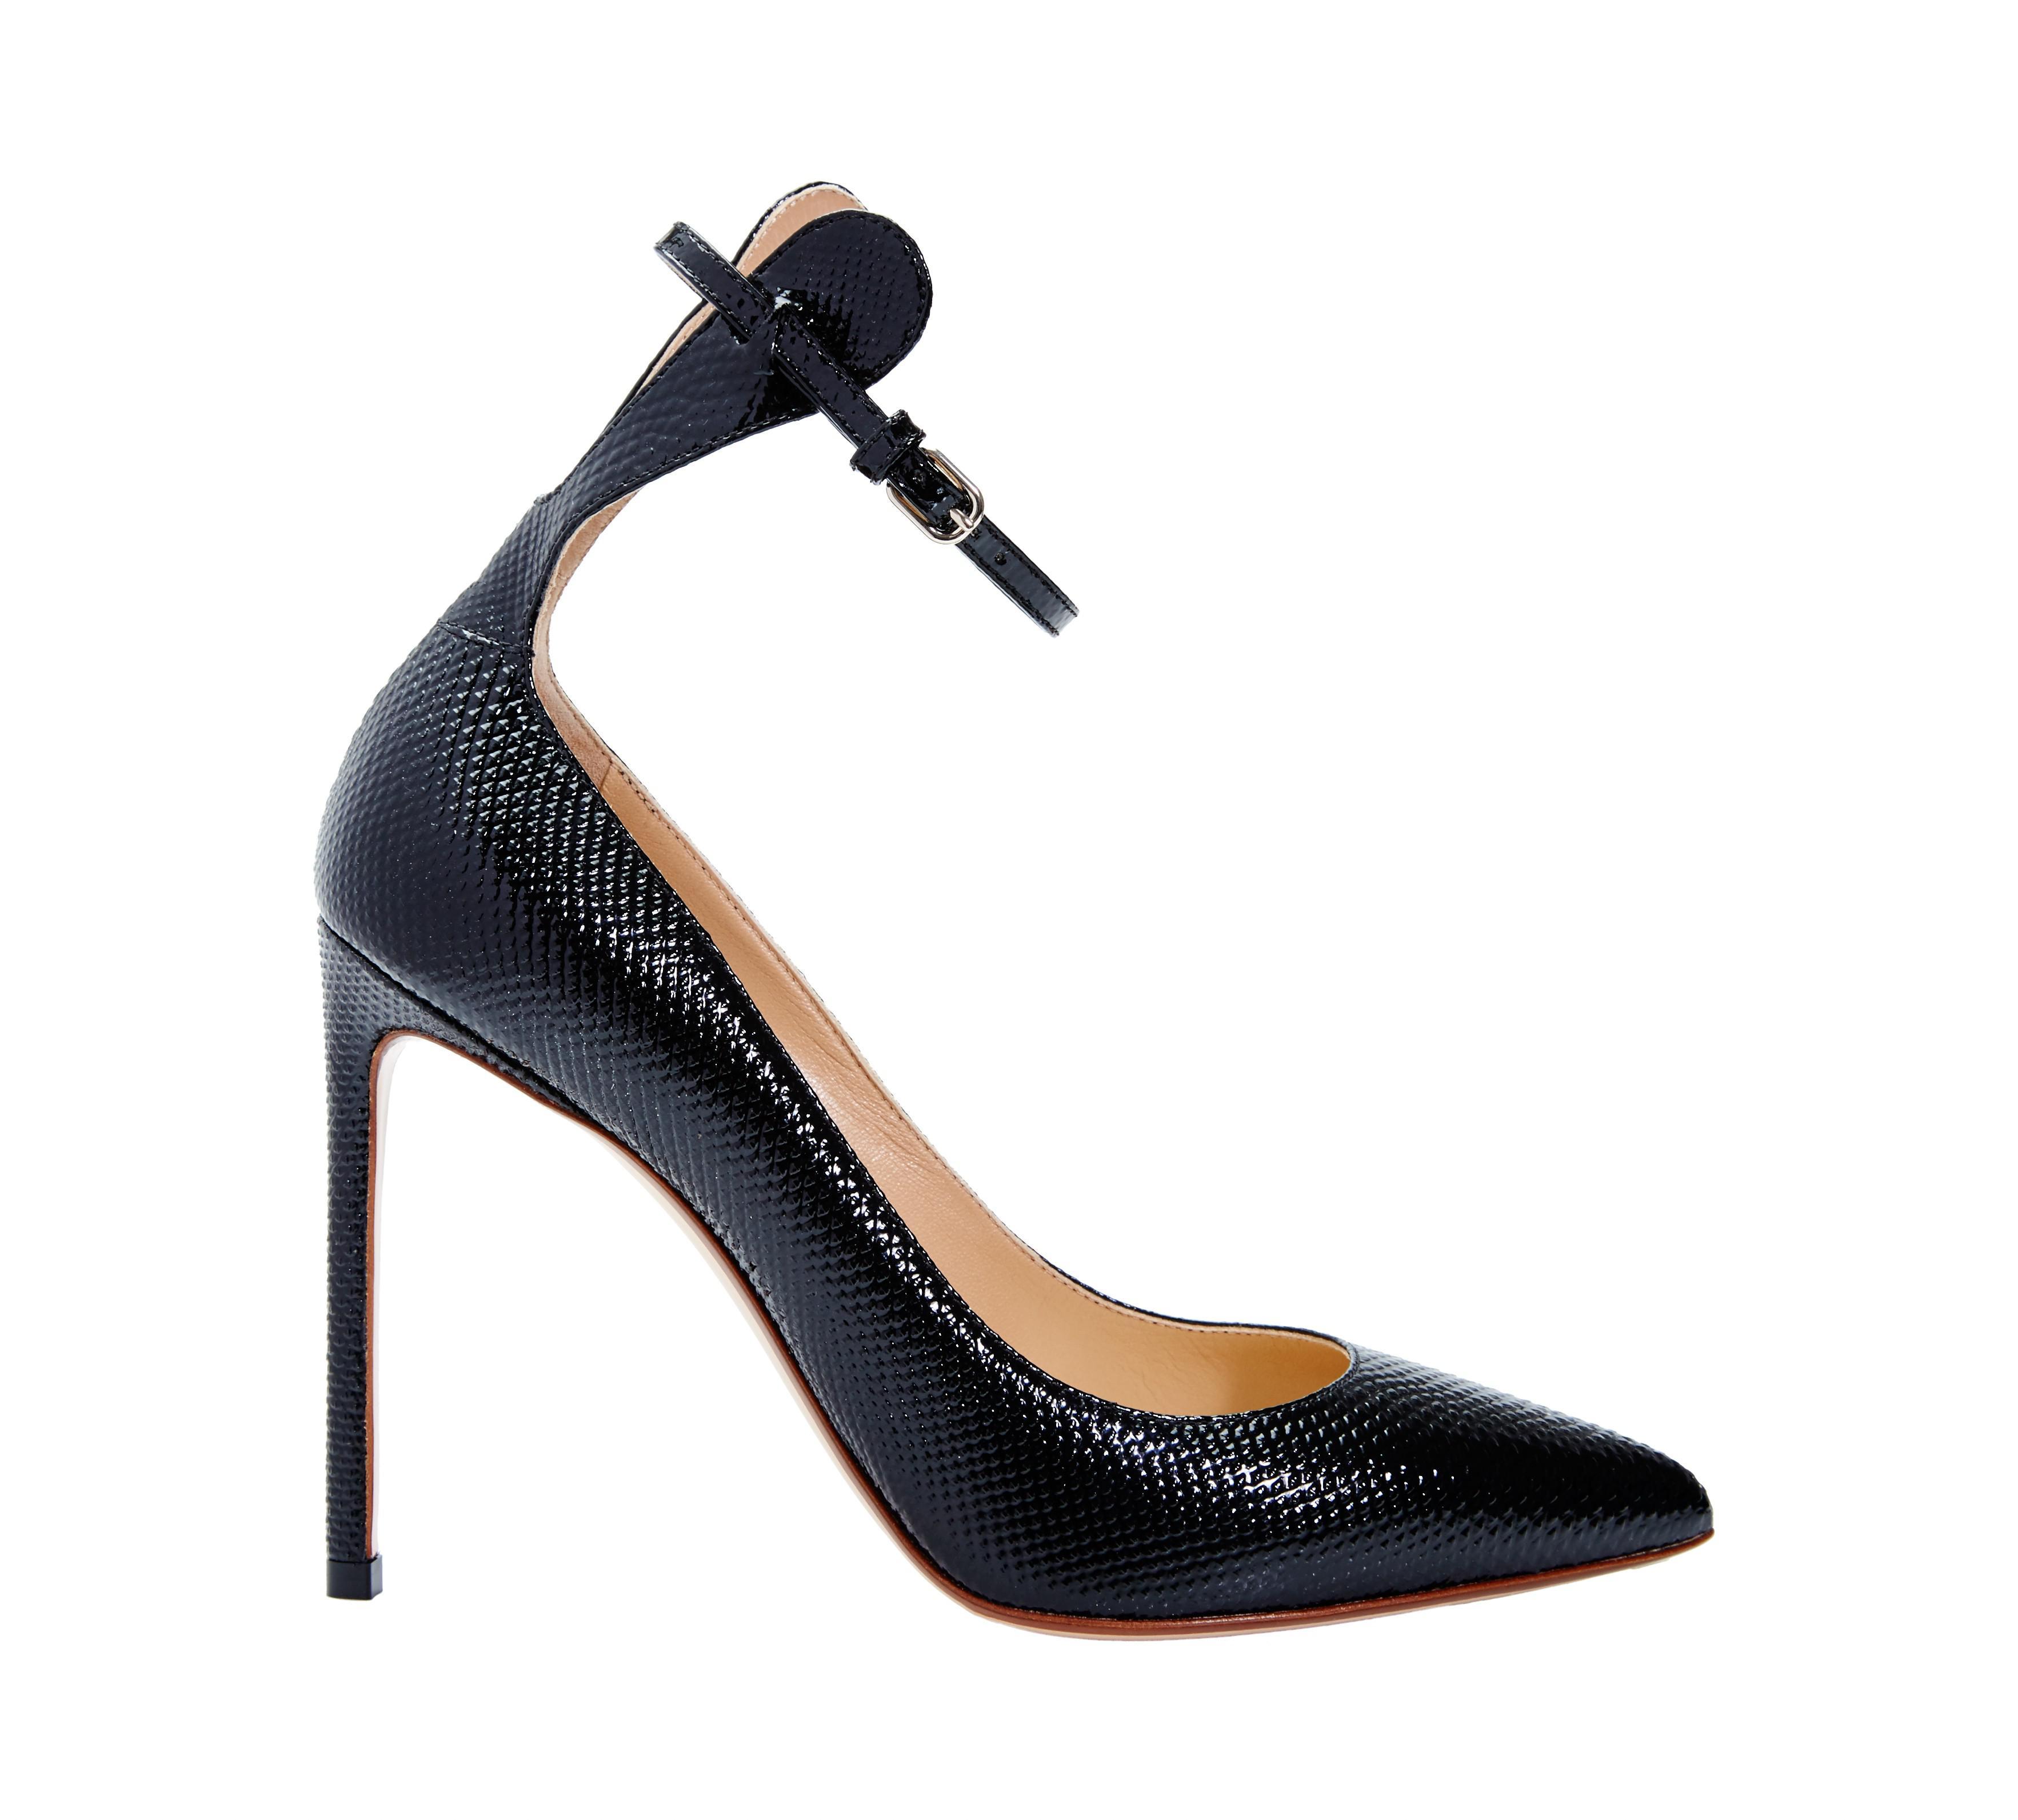 De Italia En Línea Francesco Russo net sandals - Black farfetch neri Visite En Línea Barato Compras La Venta En Línea De Salida Pagar Con Visa En Línea Barata sph7SEyV